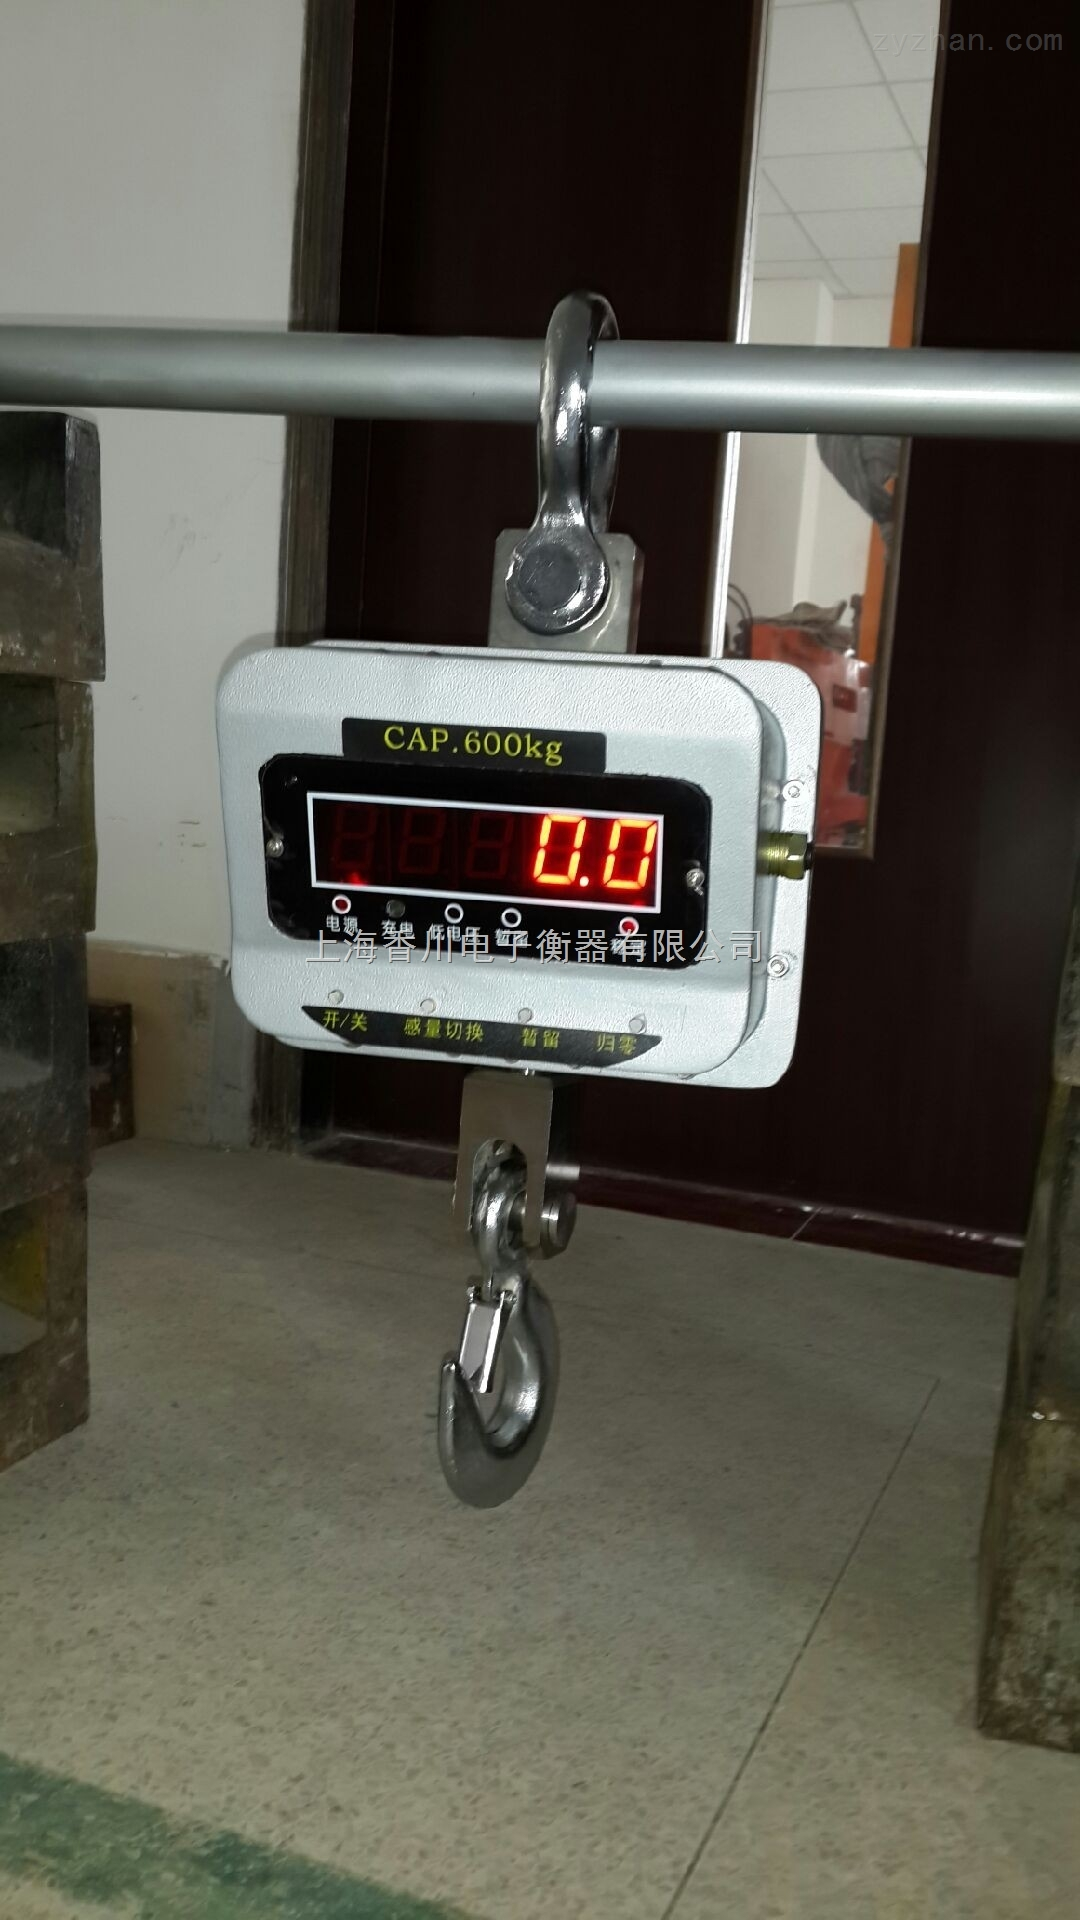 防爆吊秤  耐高温吊秤 防爆电子吊秤1-3吨*